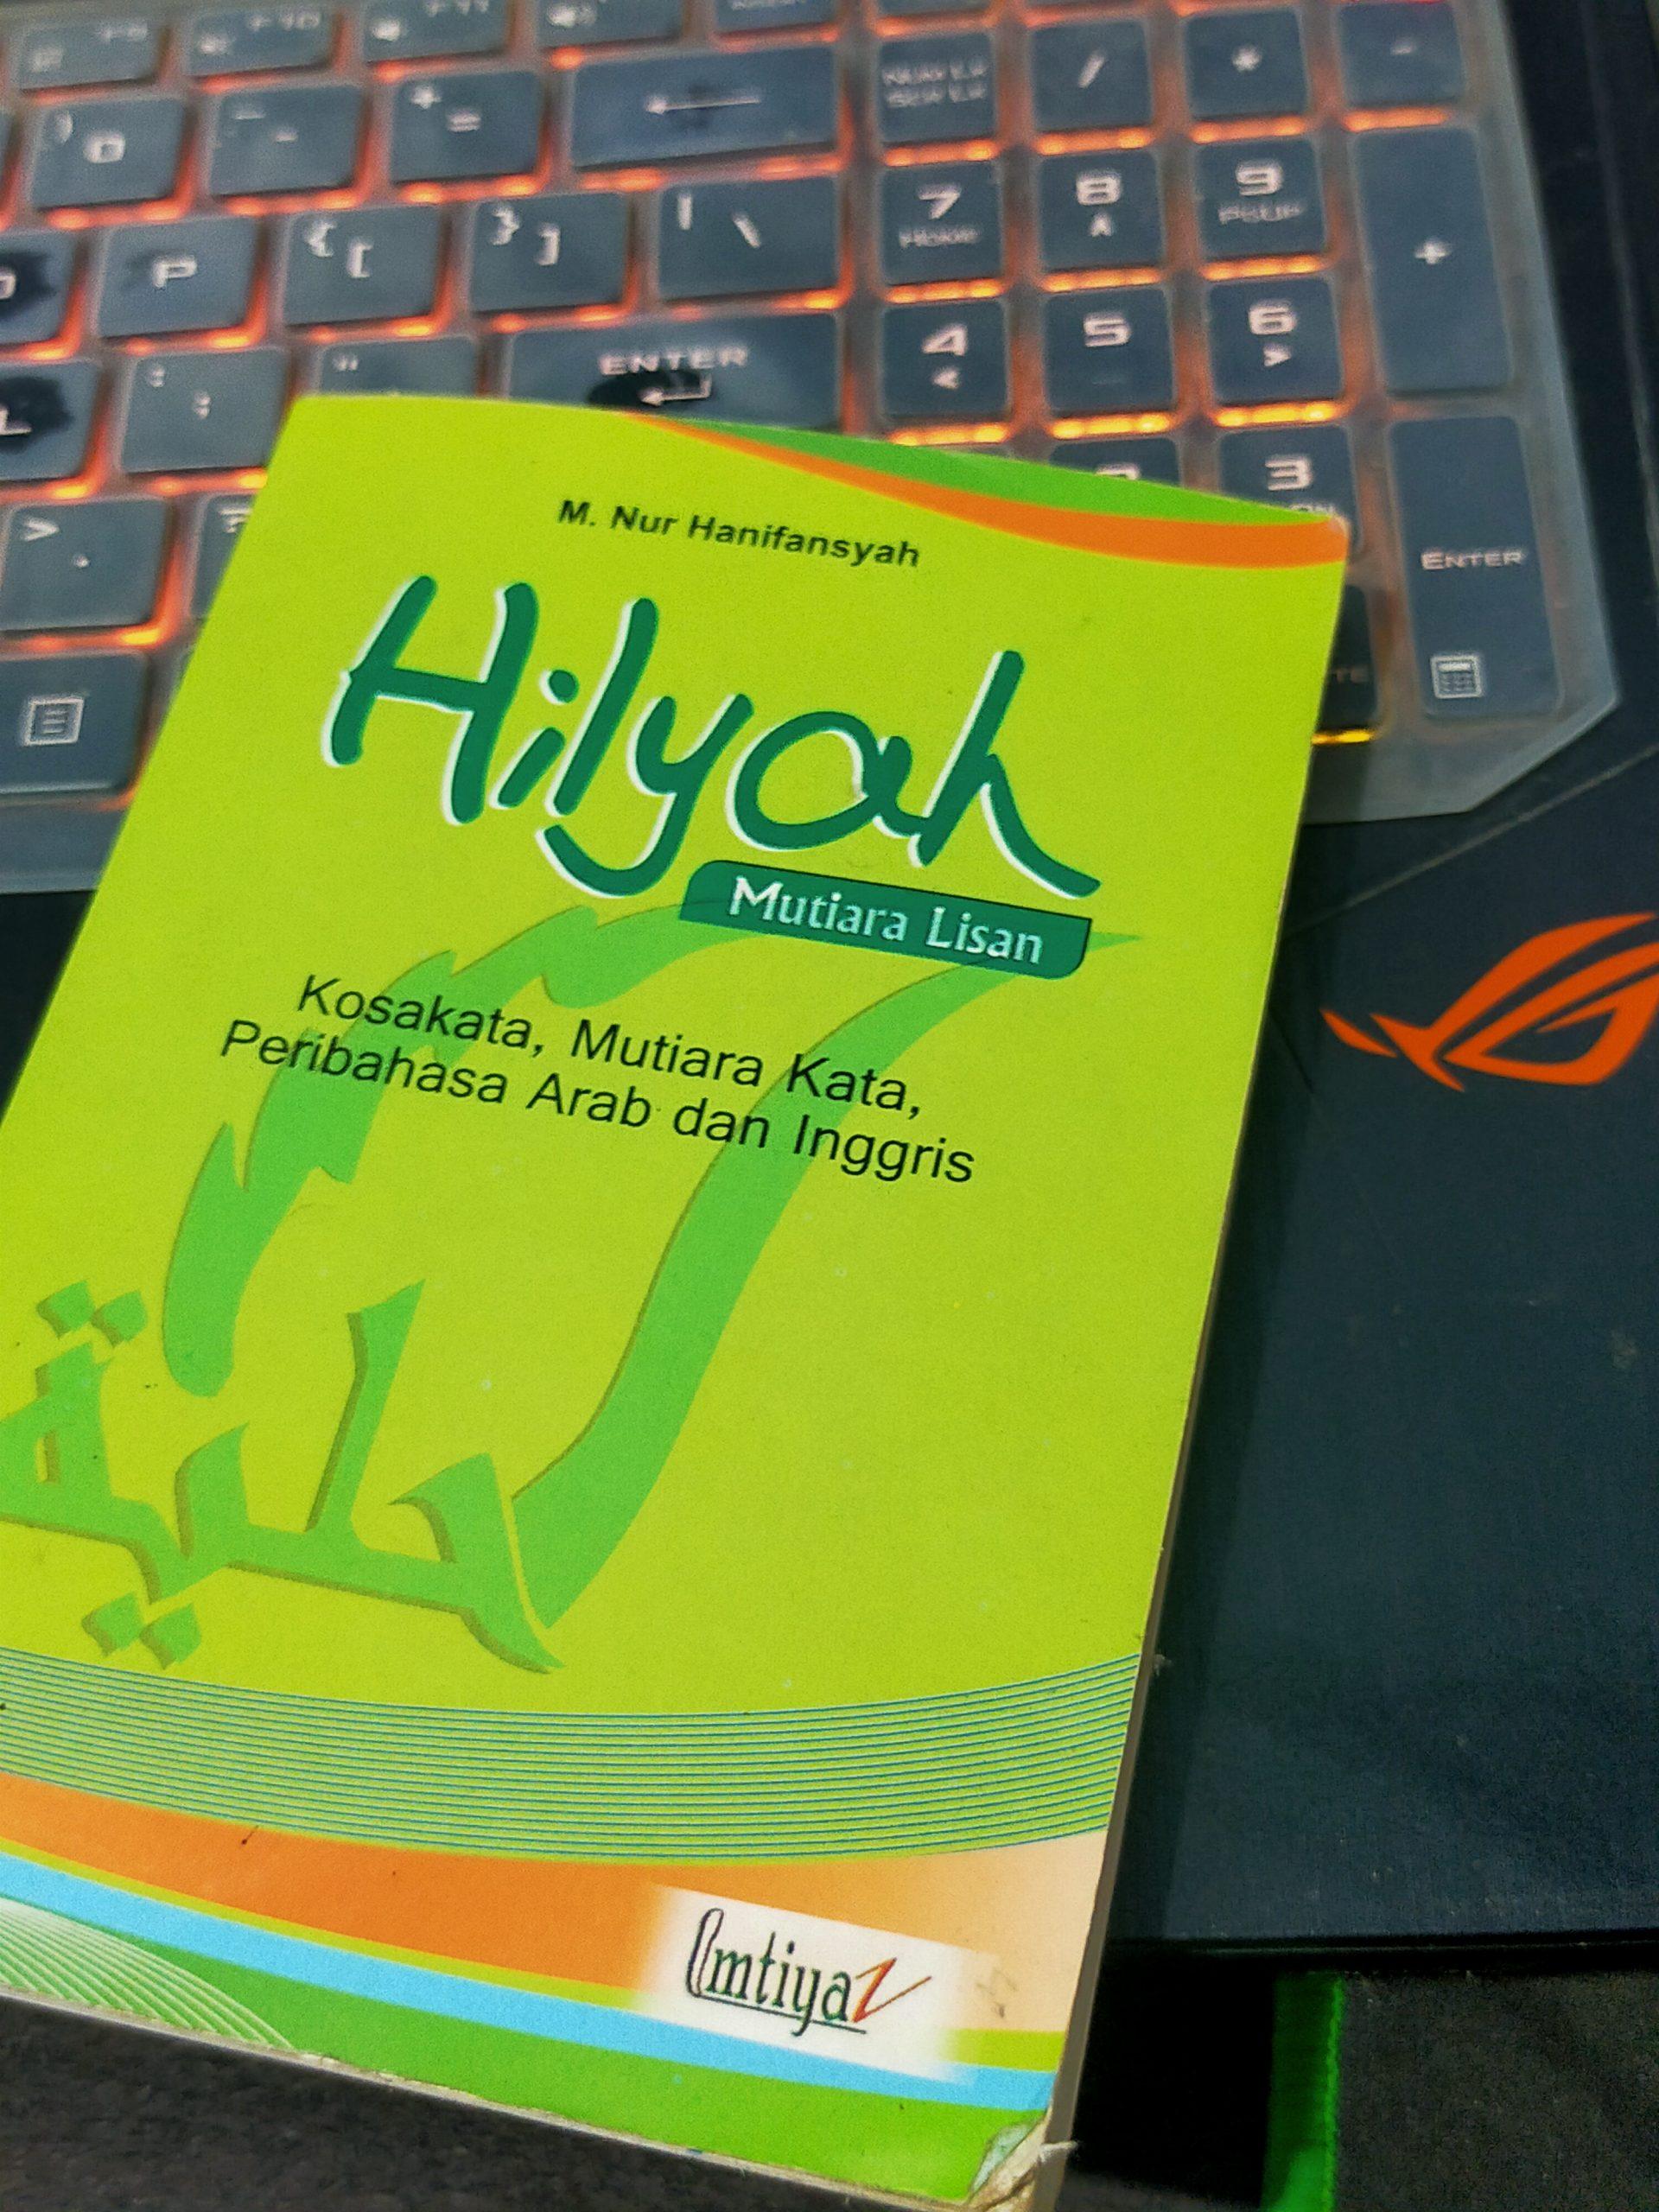 Belajar Bahasa Arab daring